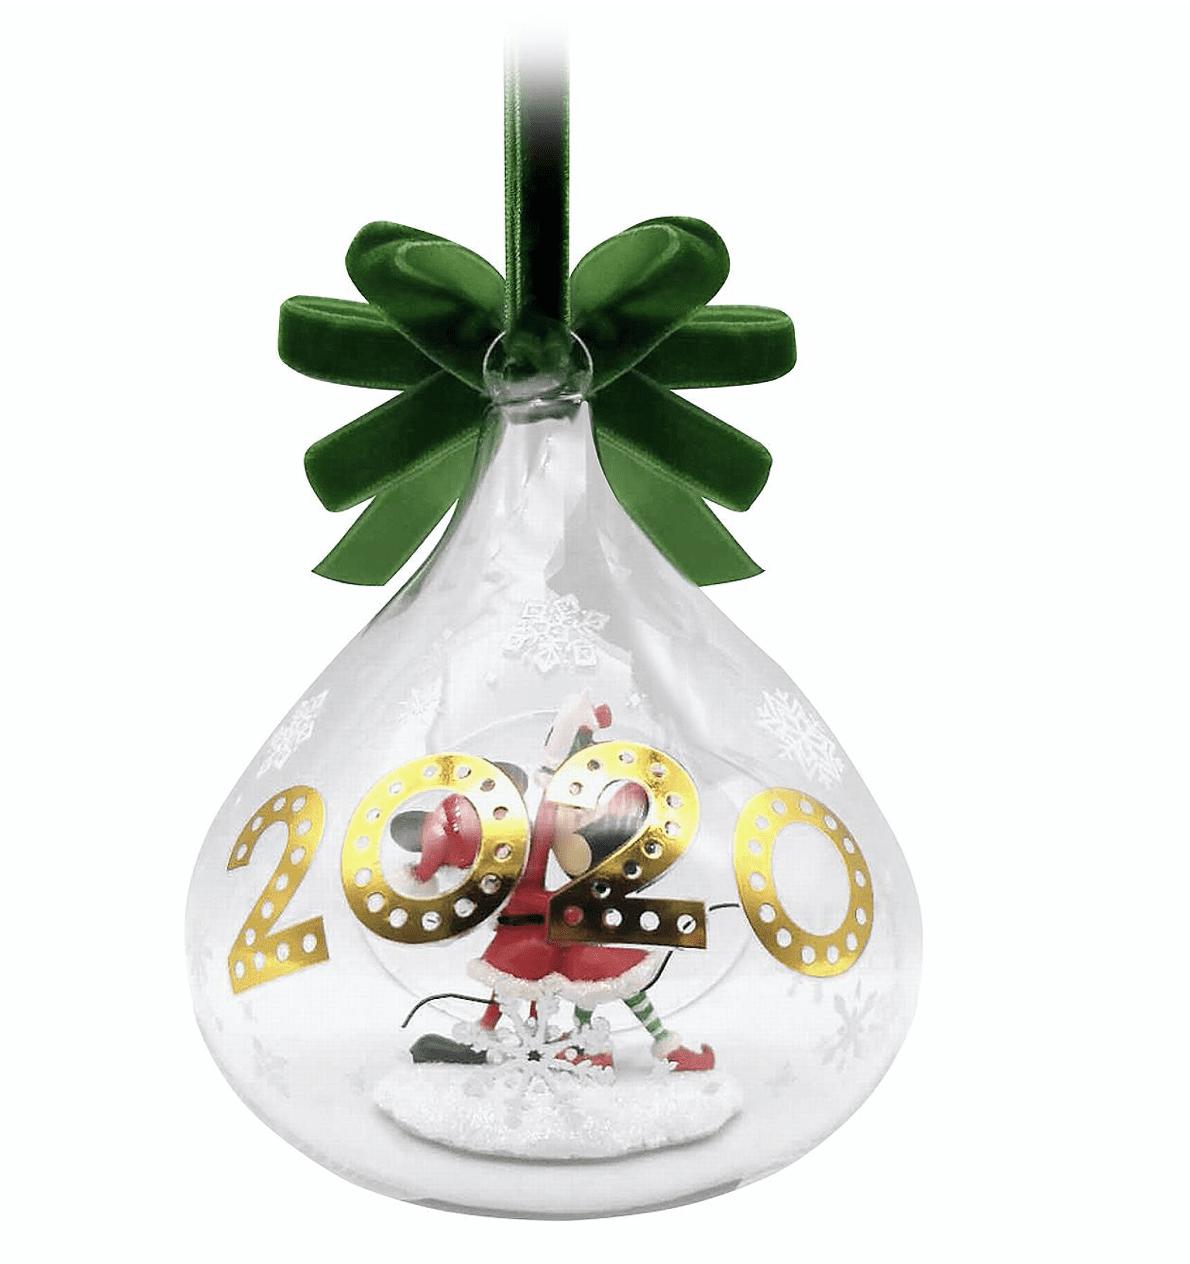 MINNIE /& MICKEY GLASS DROP SKETCHBOOK ORNAMENT 2020 THE DISNEY STORE NIB NEW**